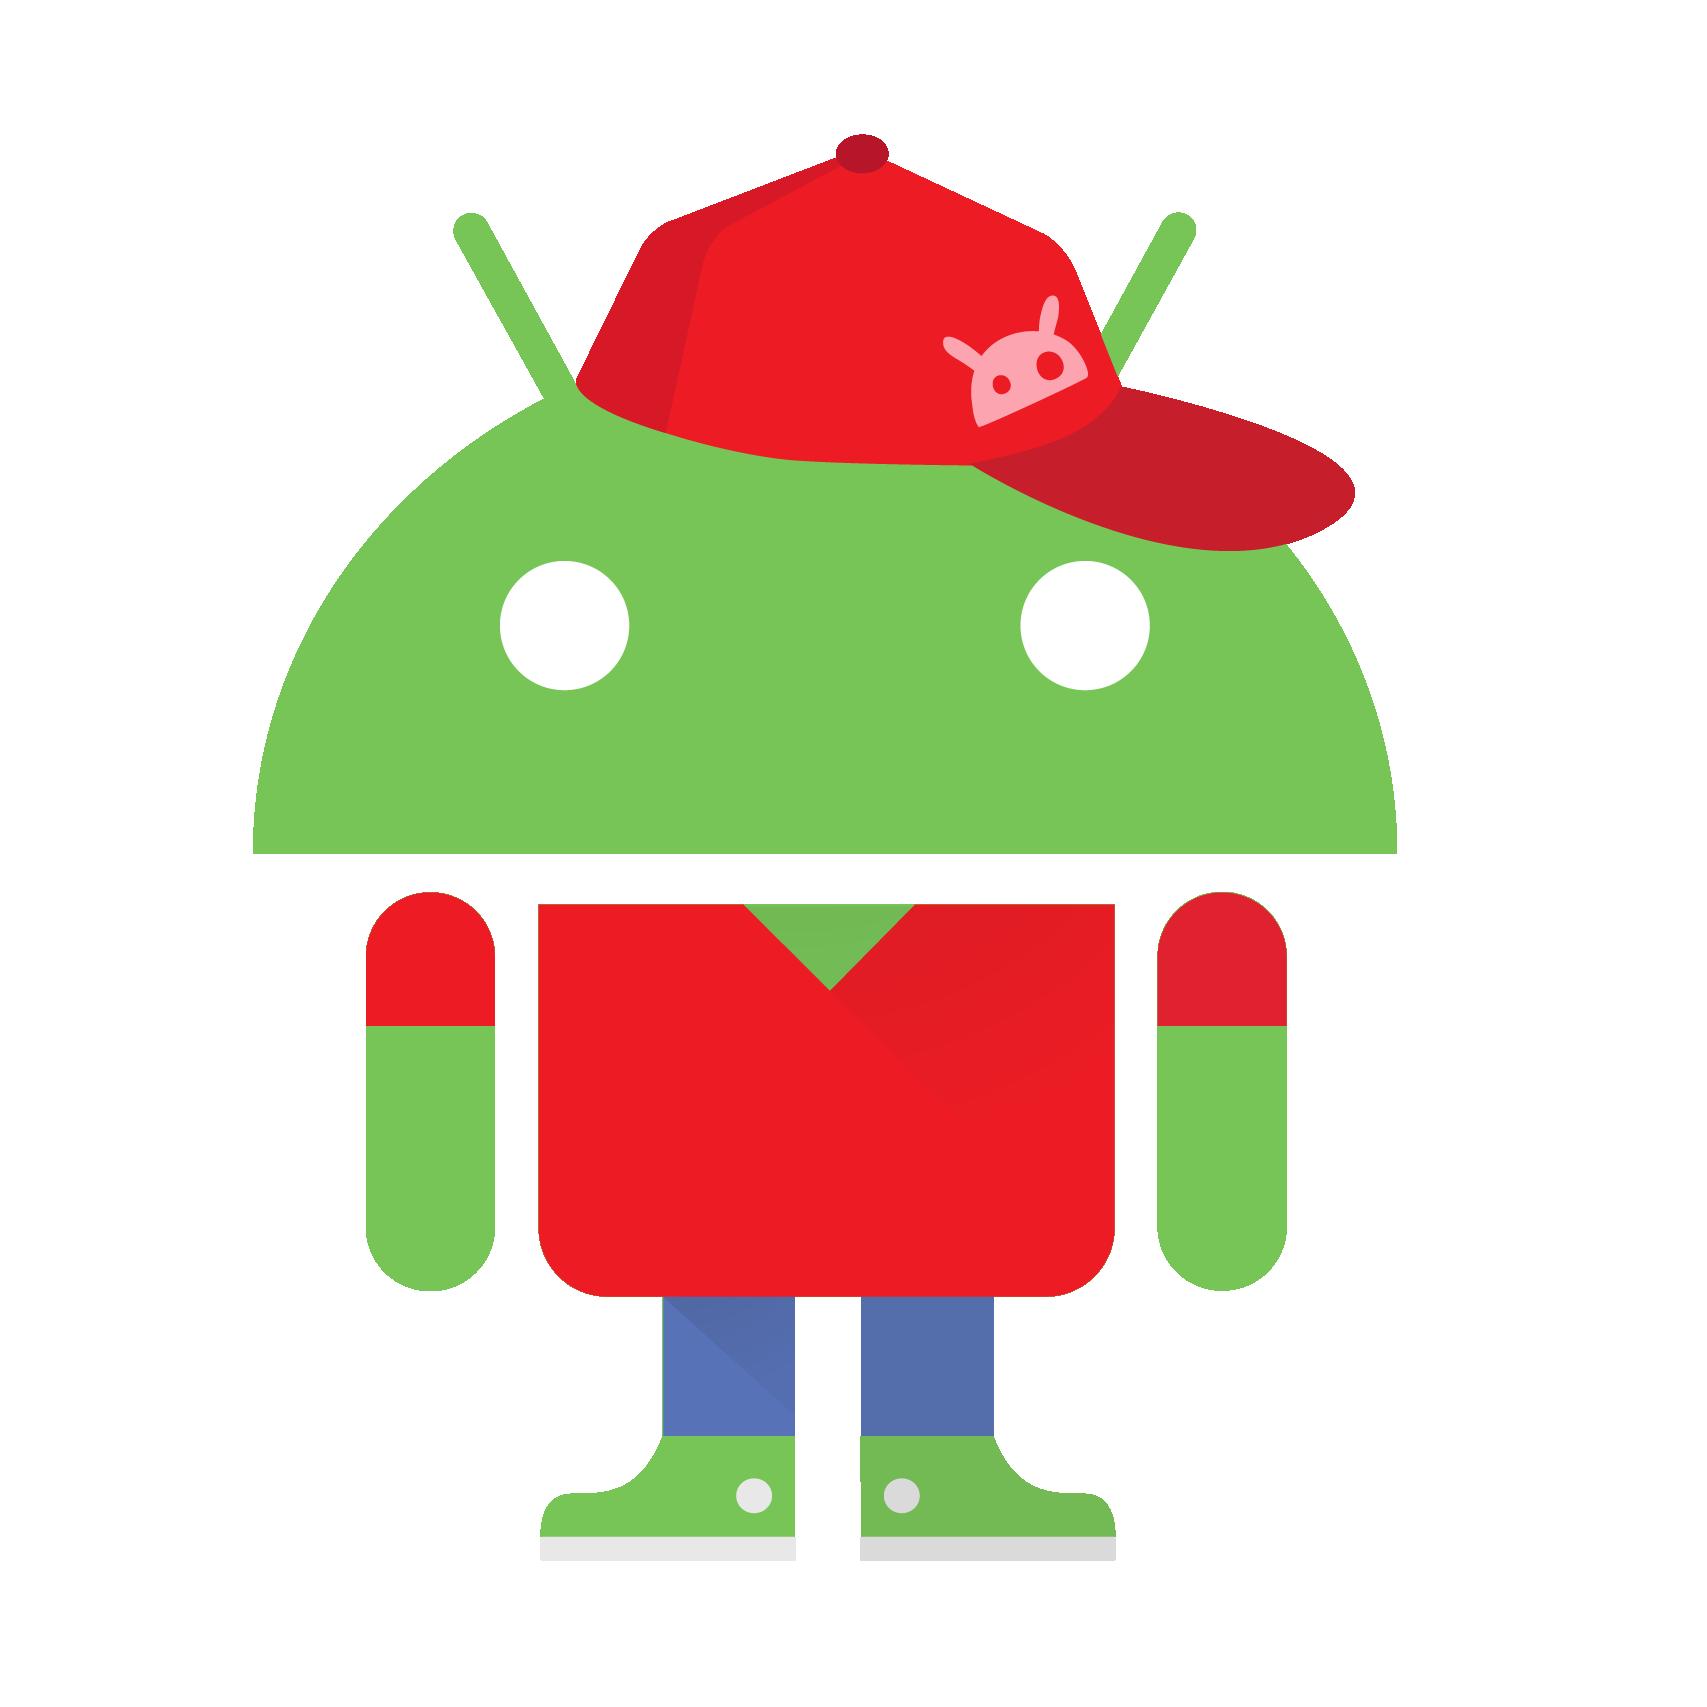 机器人秀 Androidify